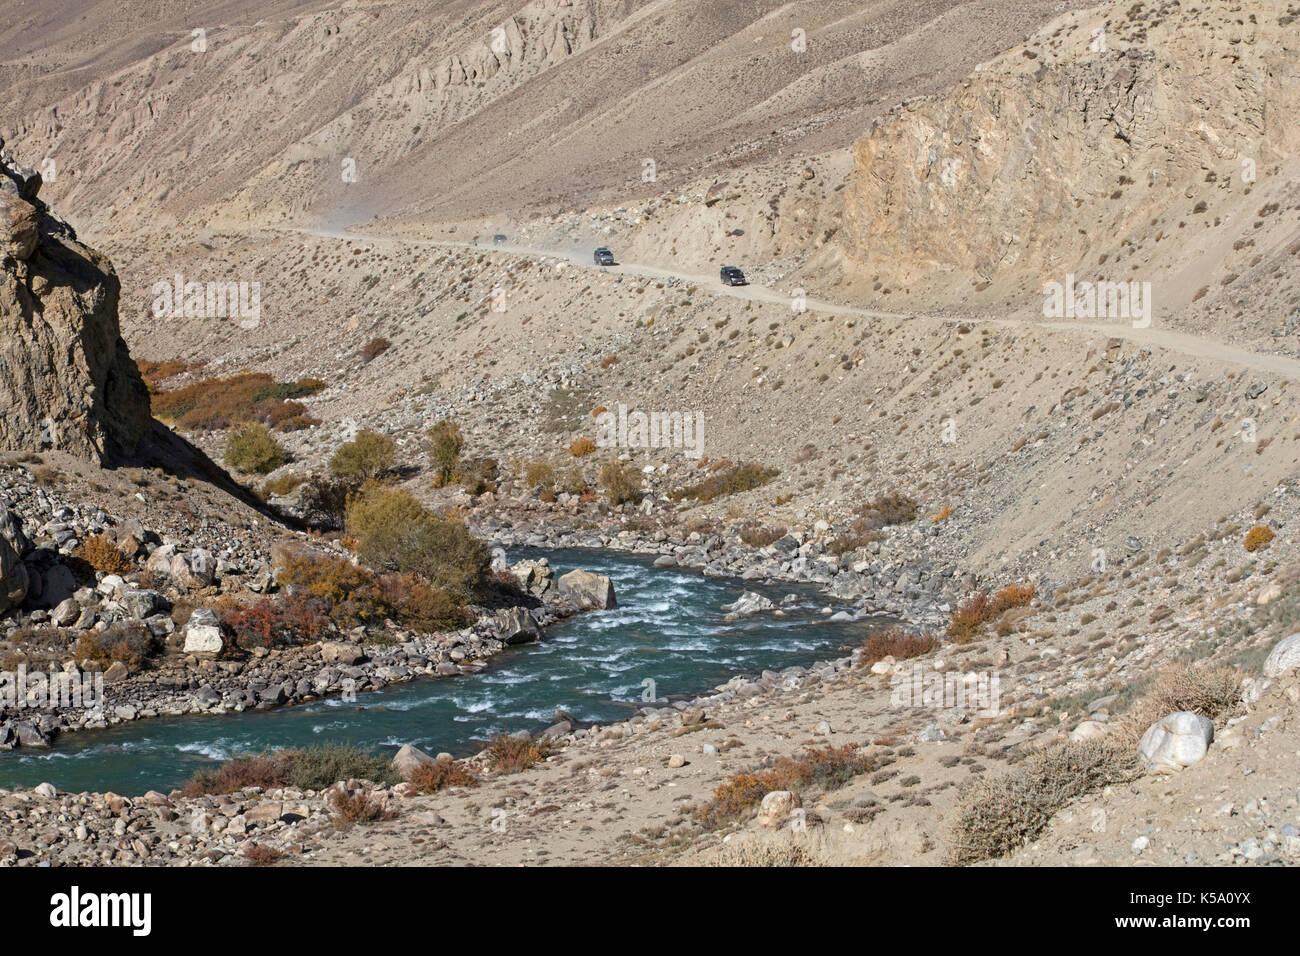 Los vehículos 4WD en el Pamir highway / M41 a lo largo del río pamir en el gorno-provincia de Badakhshan, Tayikistán Imagen De Stock